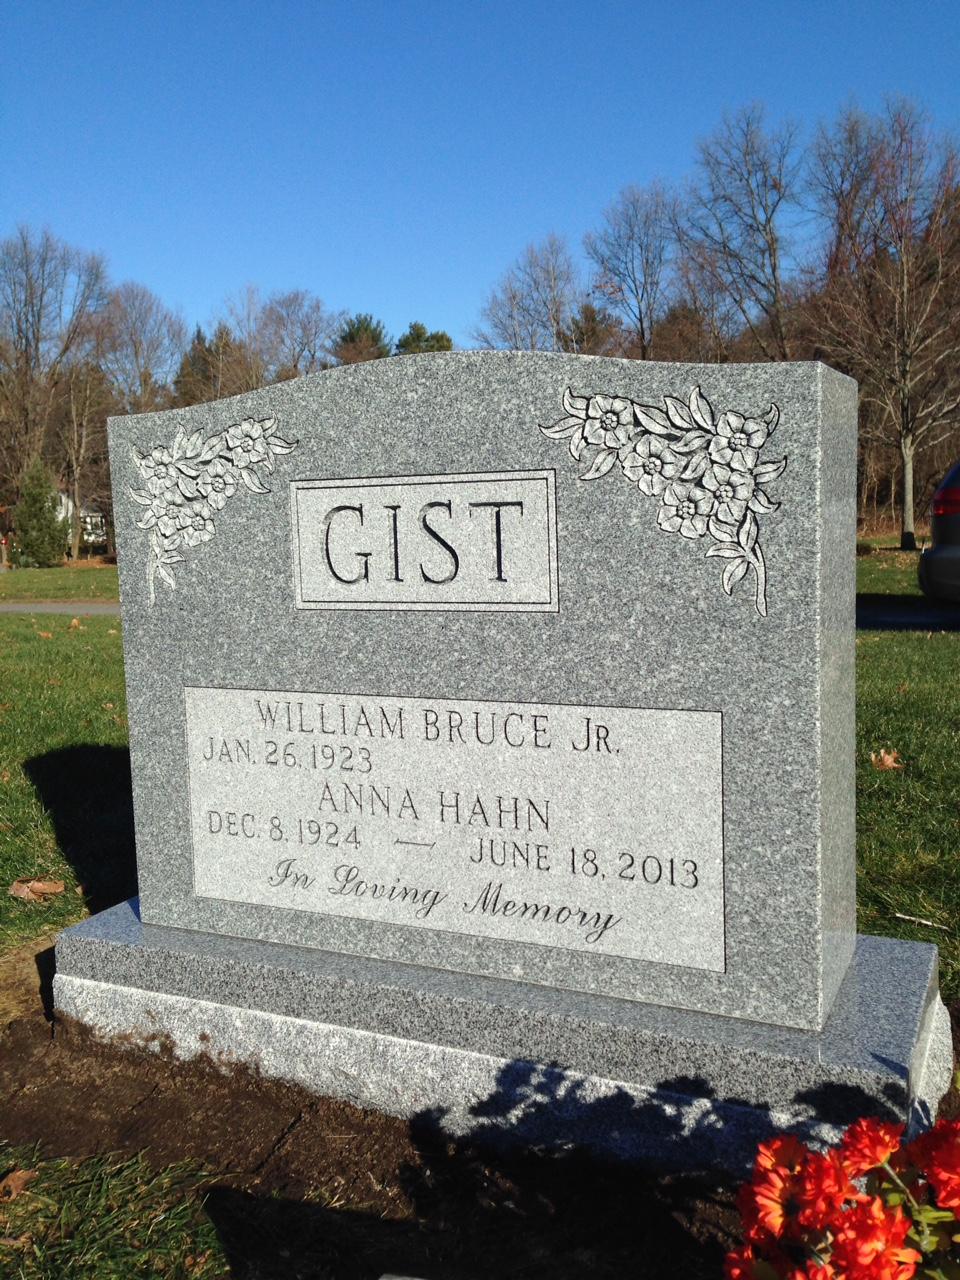 GIST front.JPG